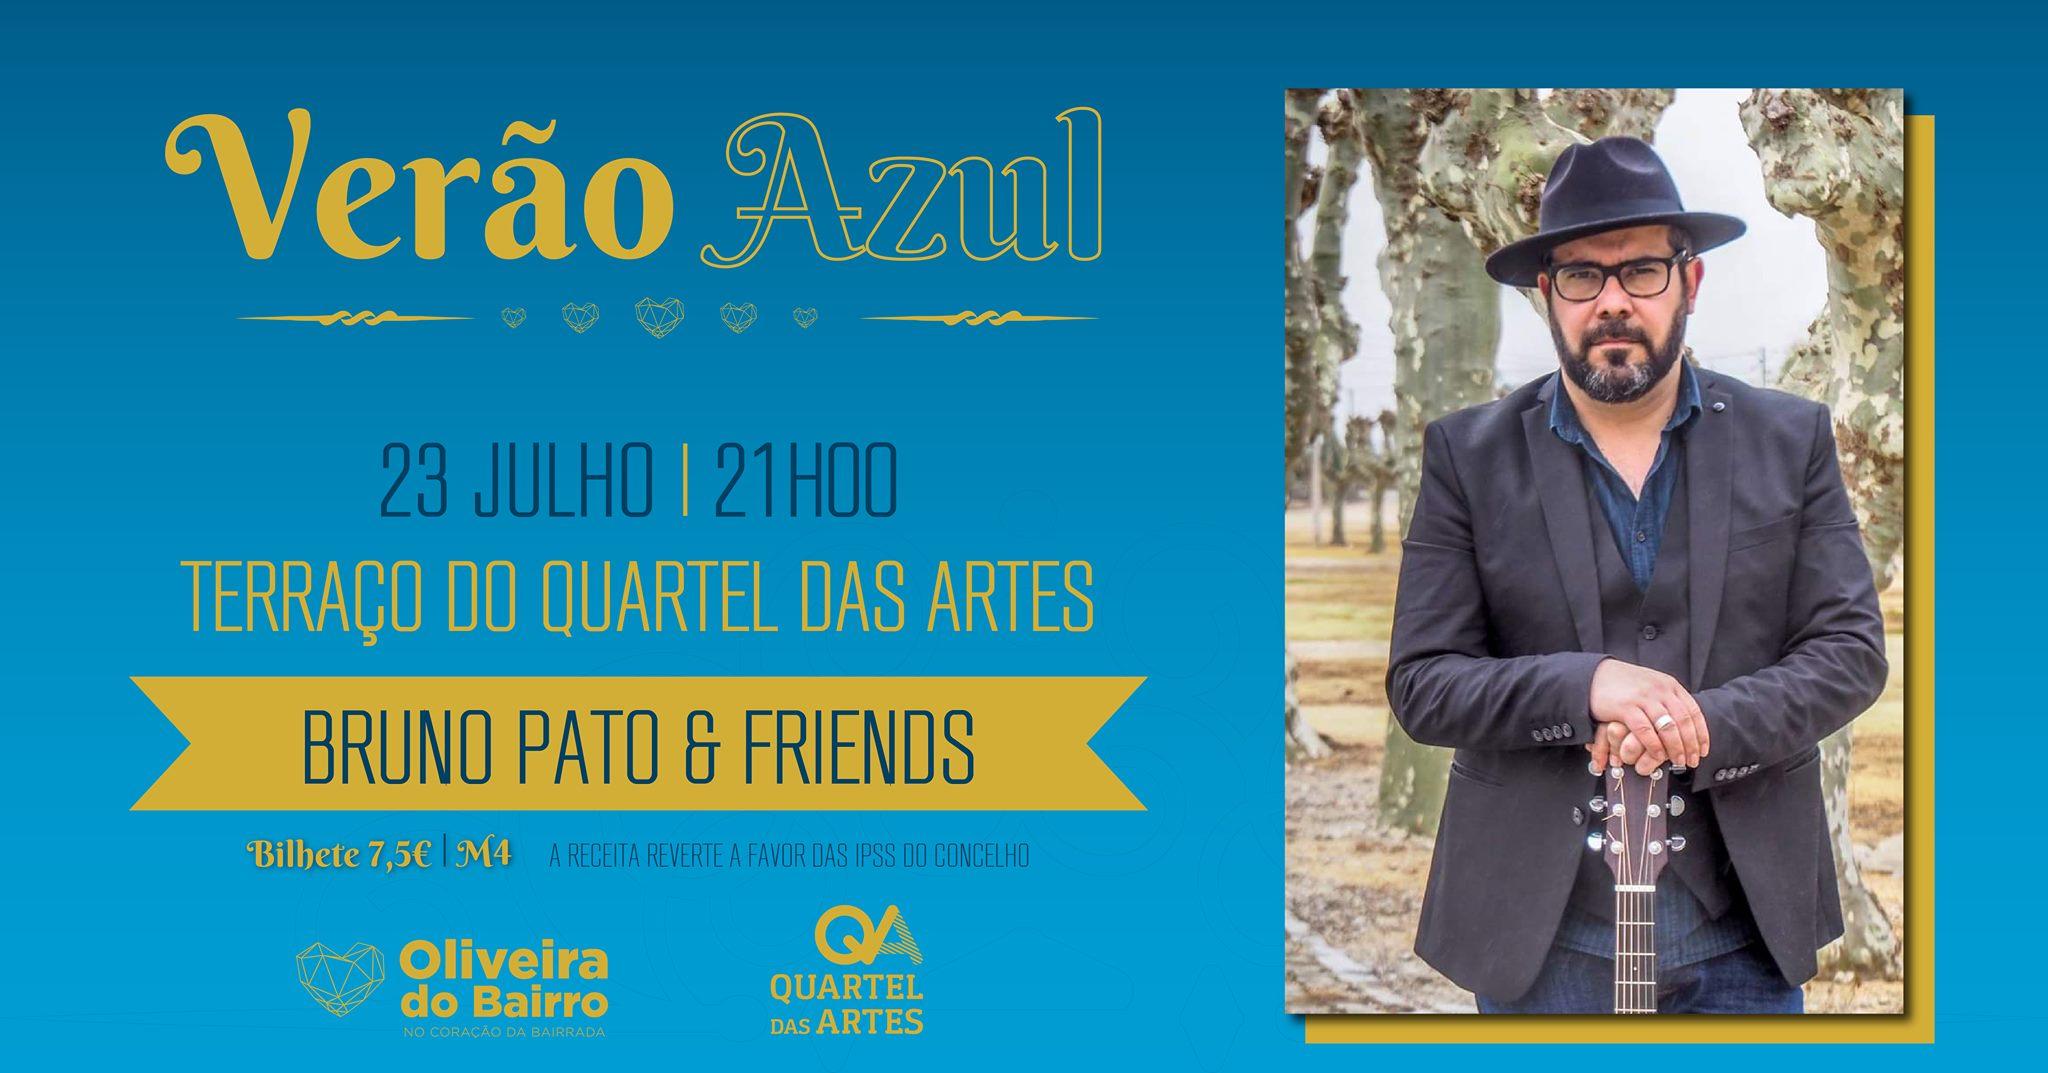 Noites no QA - Às sextas, música no terraço Bruno Pato & Friends